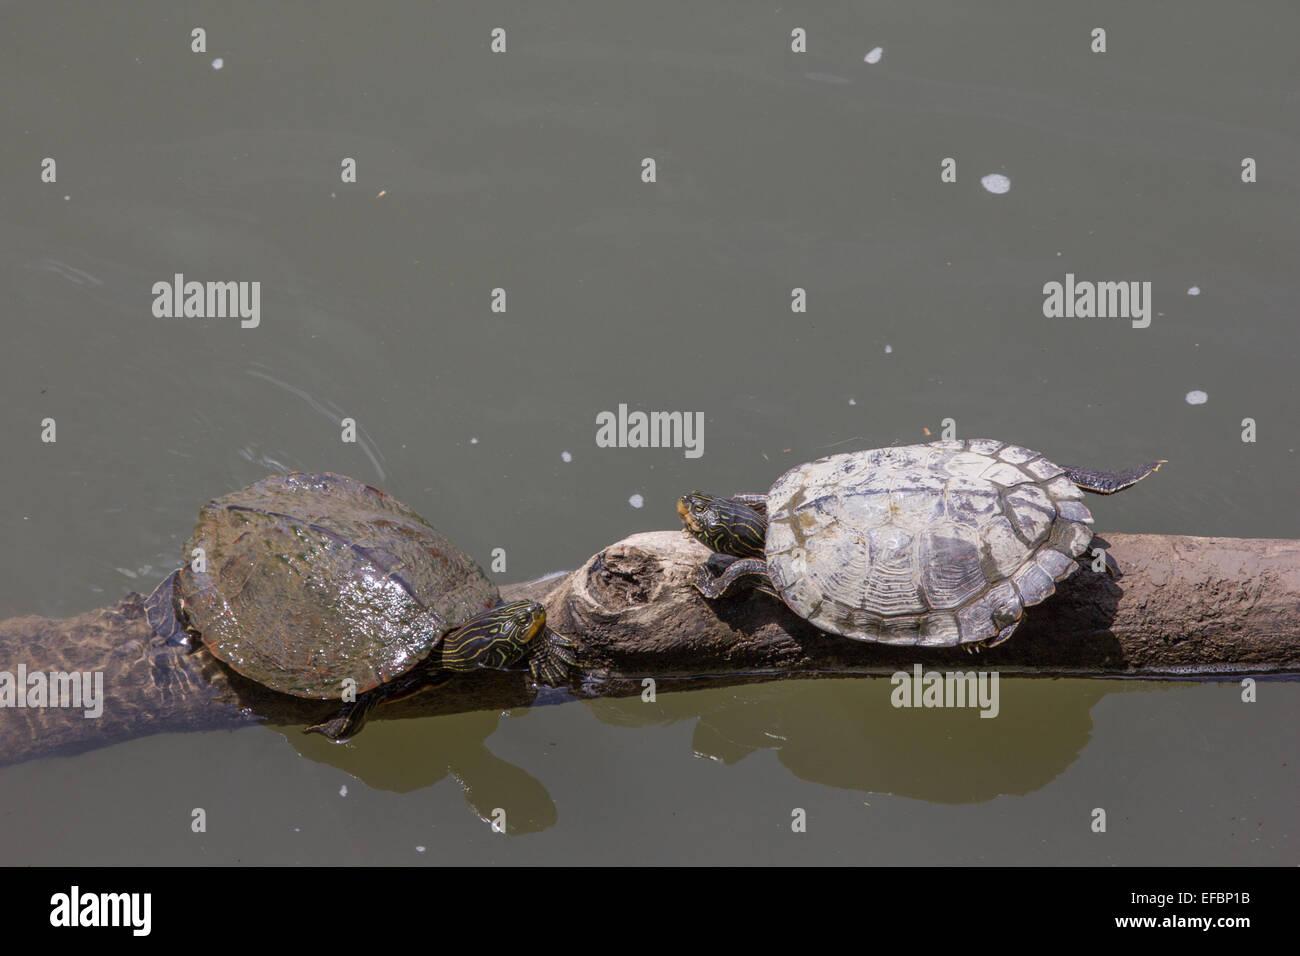 Una coppia di tartarughe Mappa crogiolarsi su un bastone nel fiume Juniata in Pennsylvania. Immagini Stock